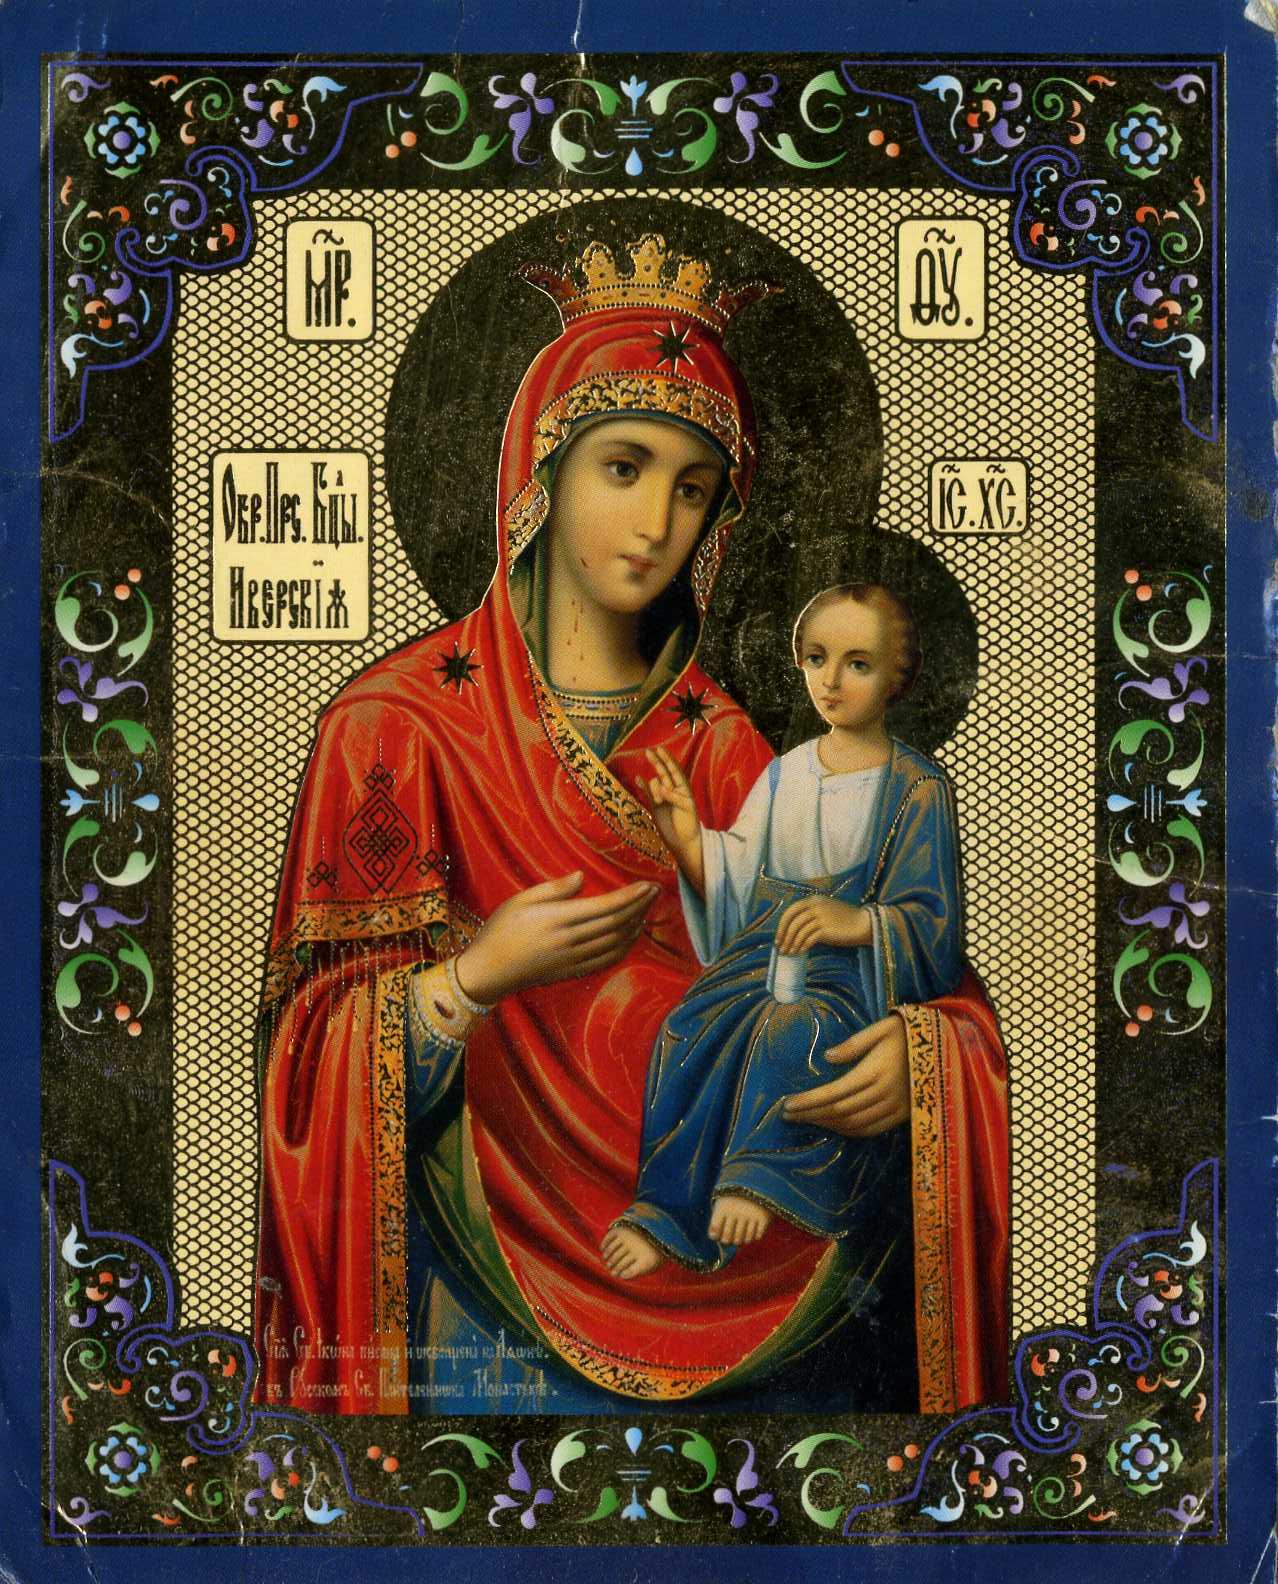 ... богородица иверская — Молитвы к: bogorodicamama.ru/archives/2753